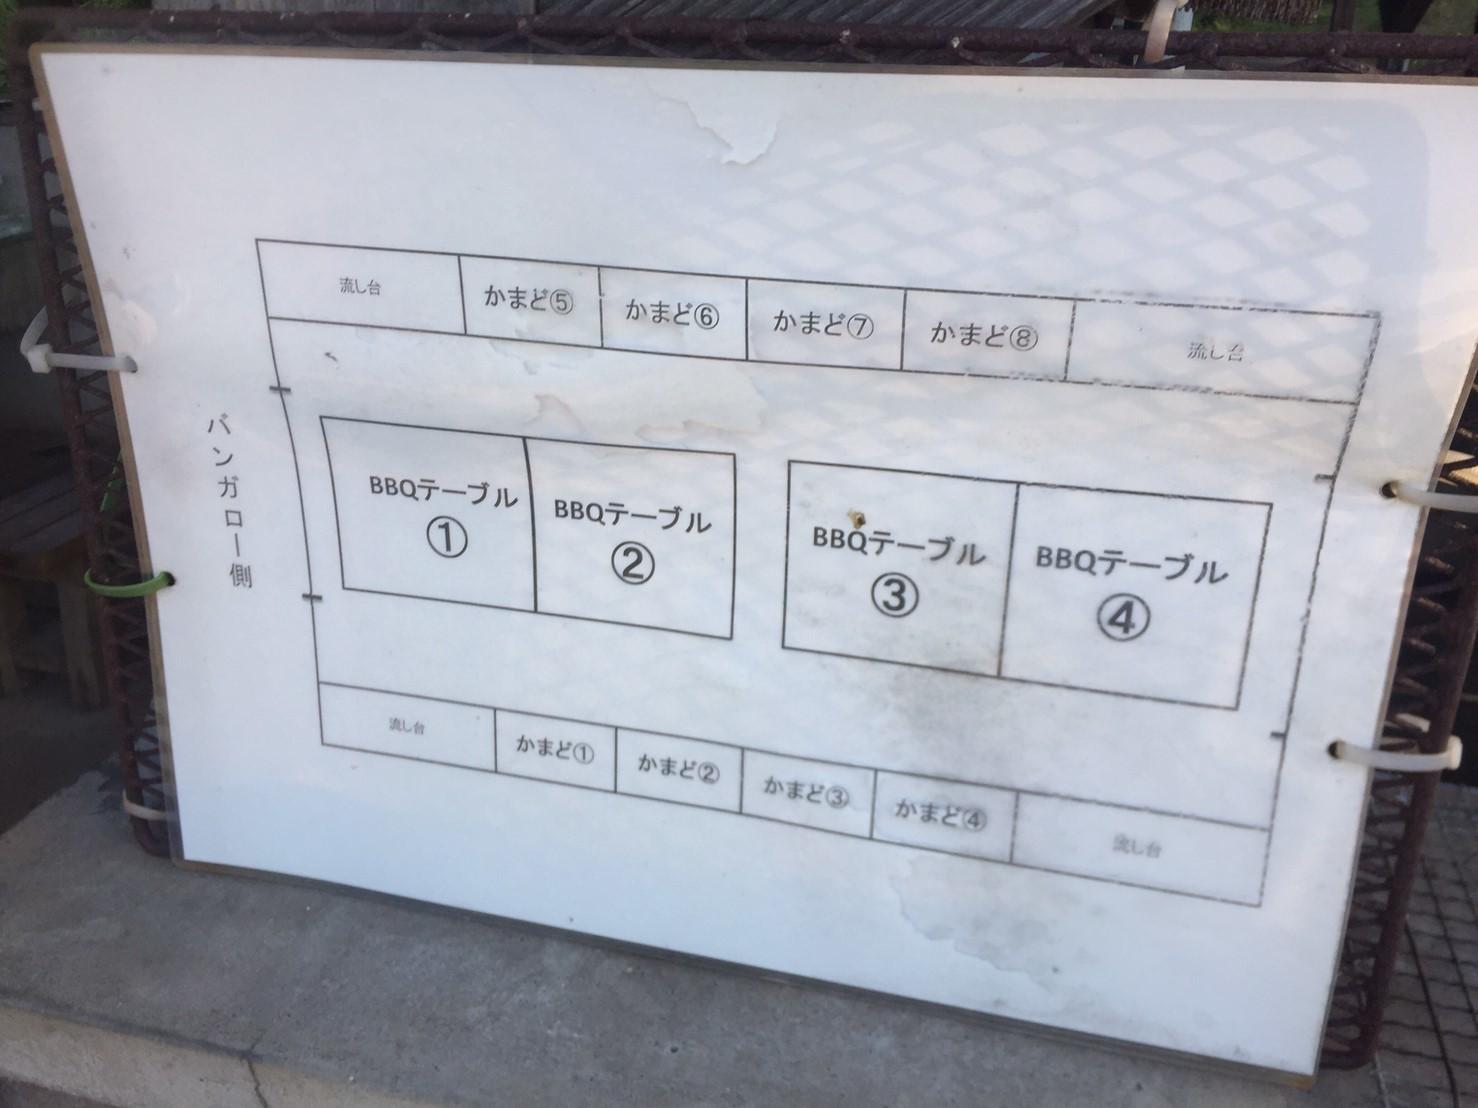 BBQキャンプ@船岡竹林公園_e0115904_01242047.jpg